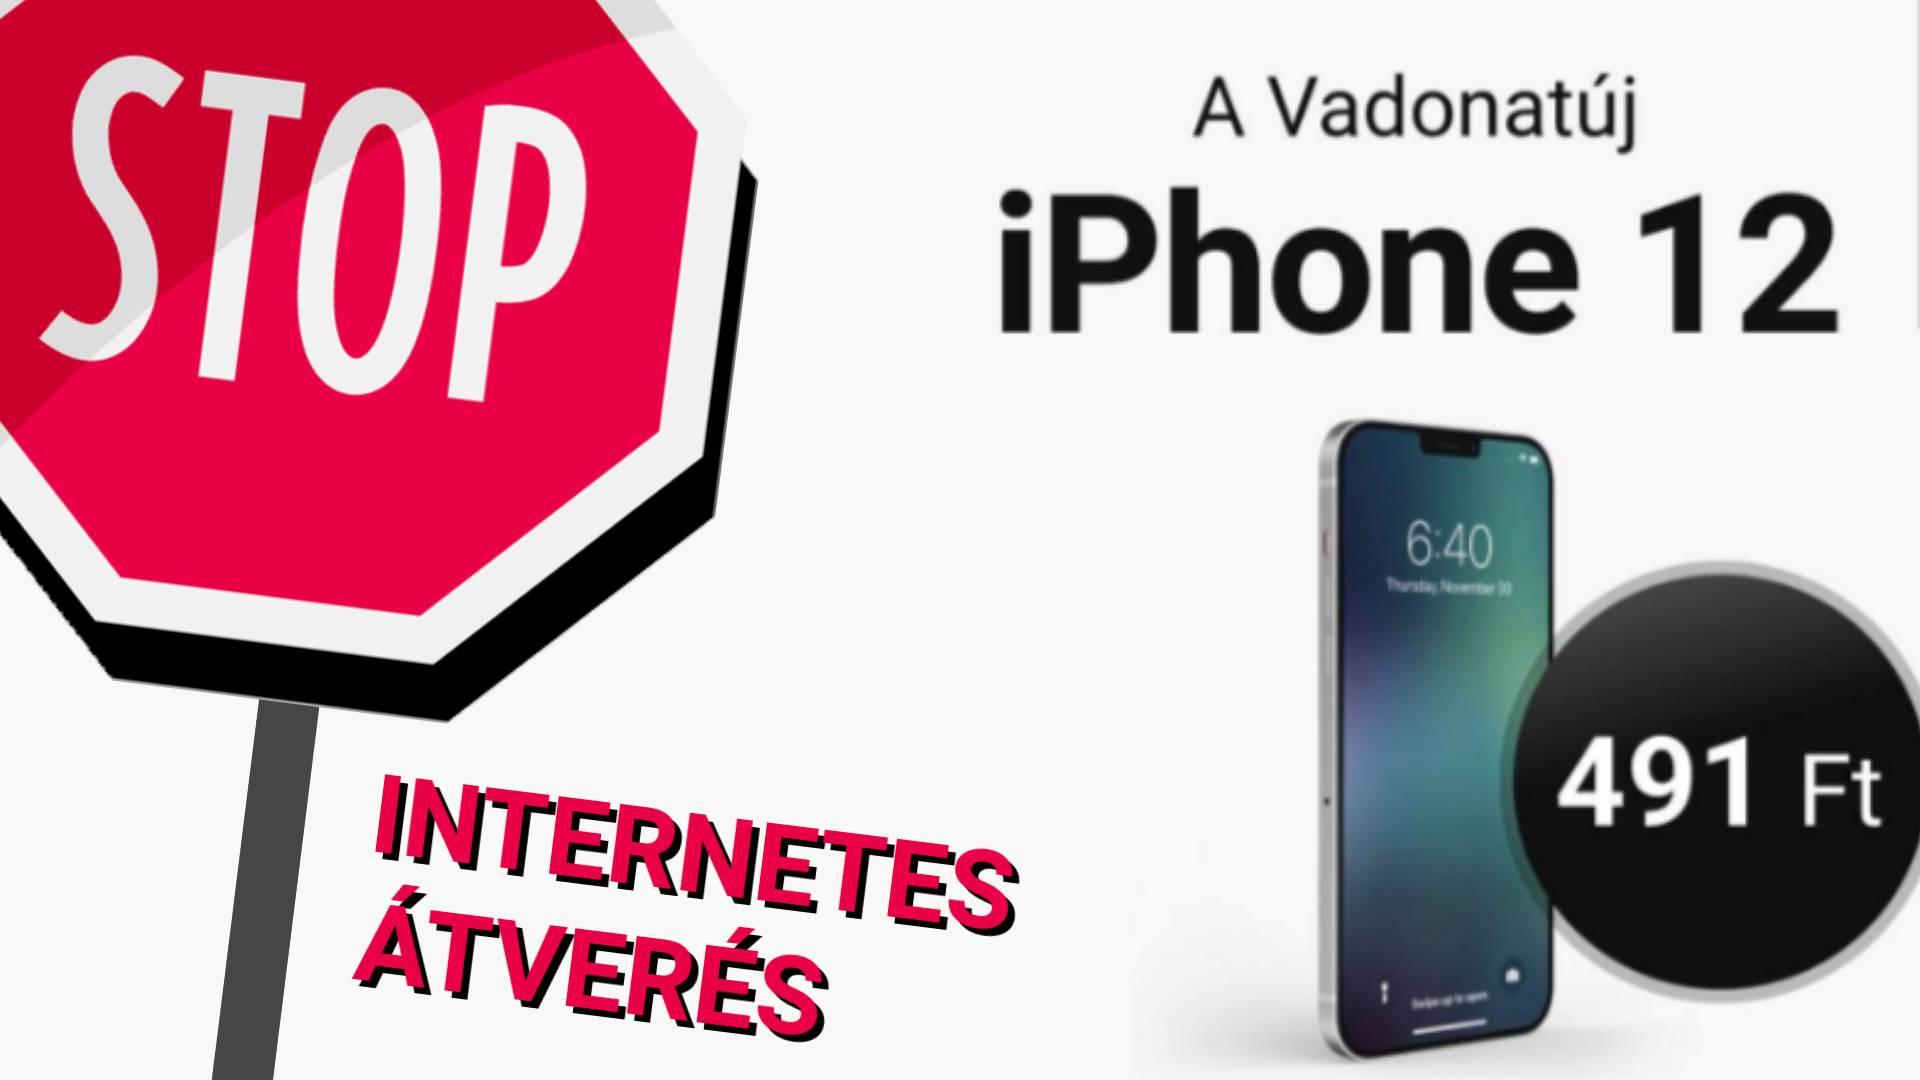 Még NE vegyetek iPhone 12-őt! – Újabb átverés terjed az interneten